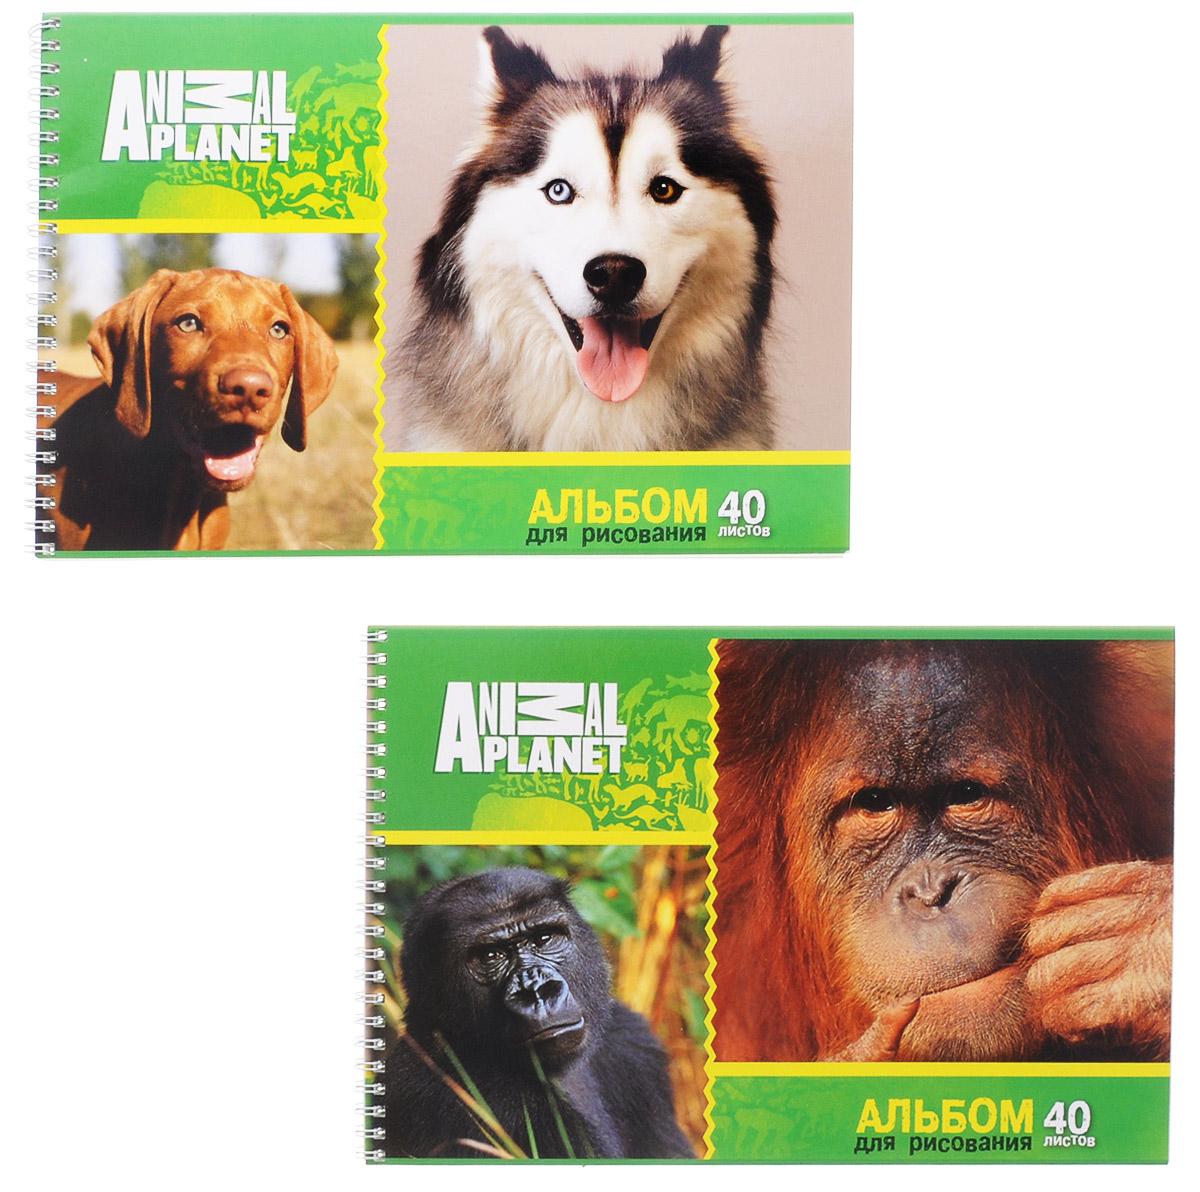 Action! Набор альбомов для рисования Собаки и обезьяны 40 листов 2 штП-9081Альбом для рисования Action! Собаки и обезьяны порадует маленького художника и вдохновит его на творчество. Альбом изготовлен из белоснежной бумаги с яркой обложкой из плотного картона. Внутренний блок альбома на гребне. Один альбом содержит 40 листов. В набор входят два альбома.